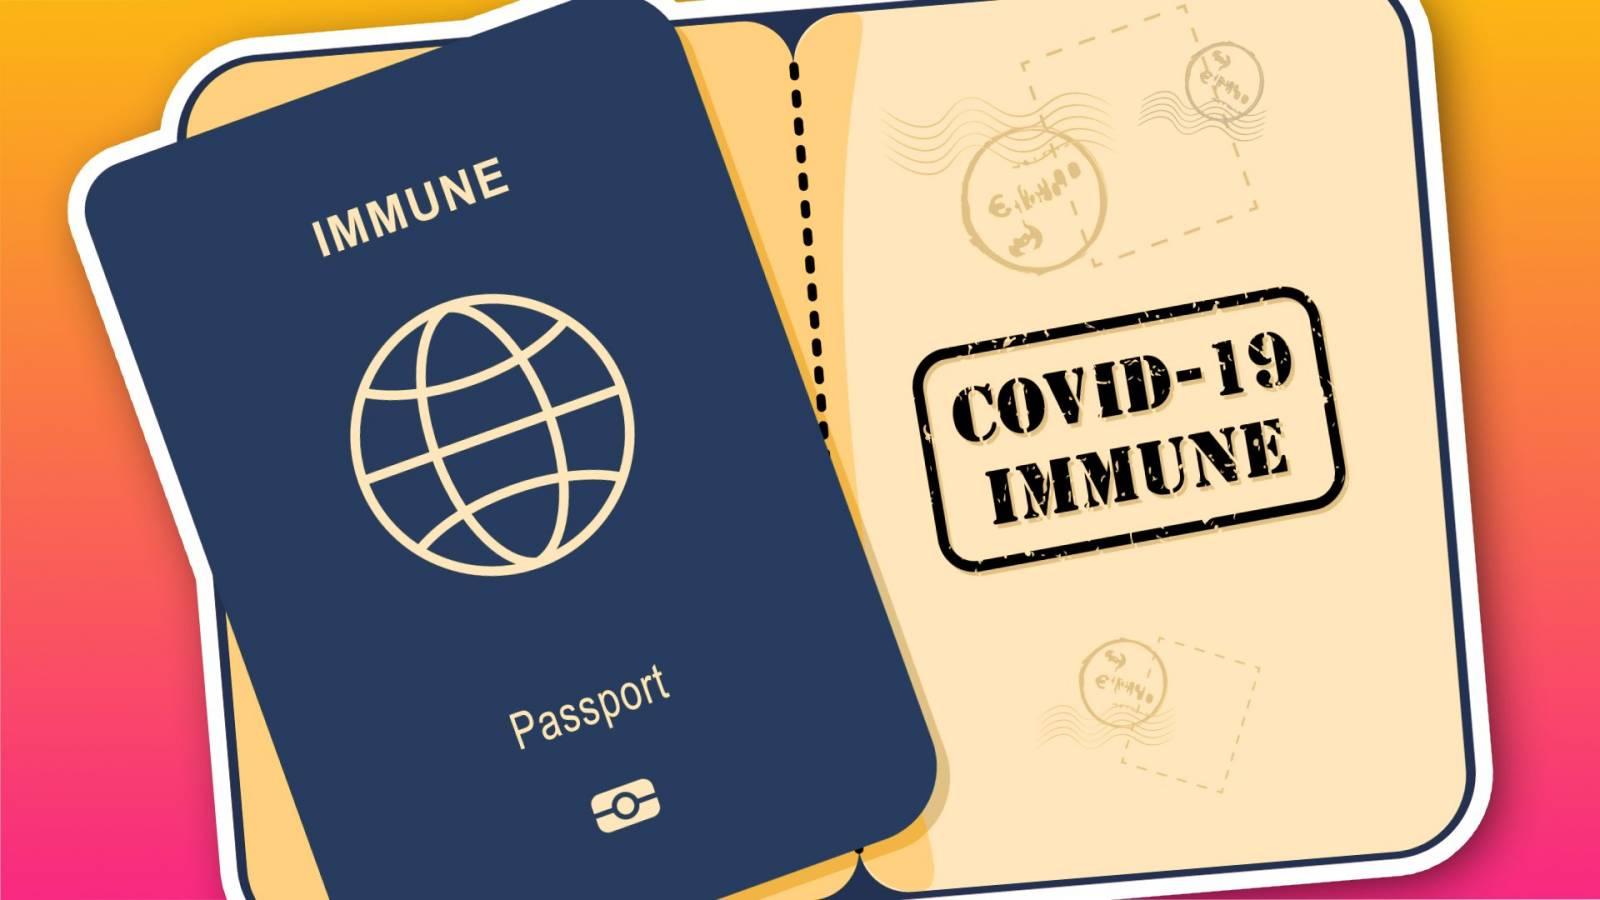 Coronavirus Arata Certificatele Verzi Coronavirus